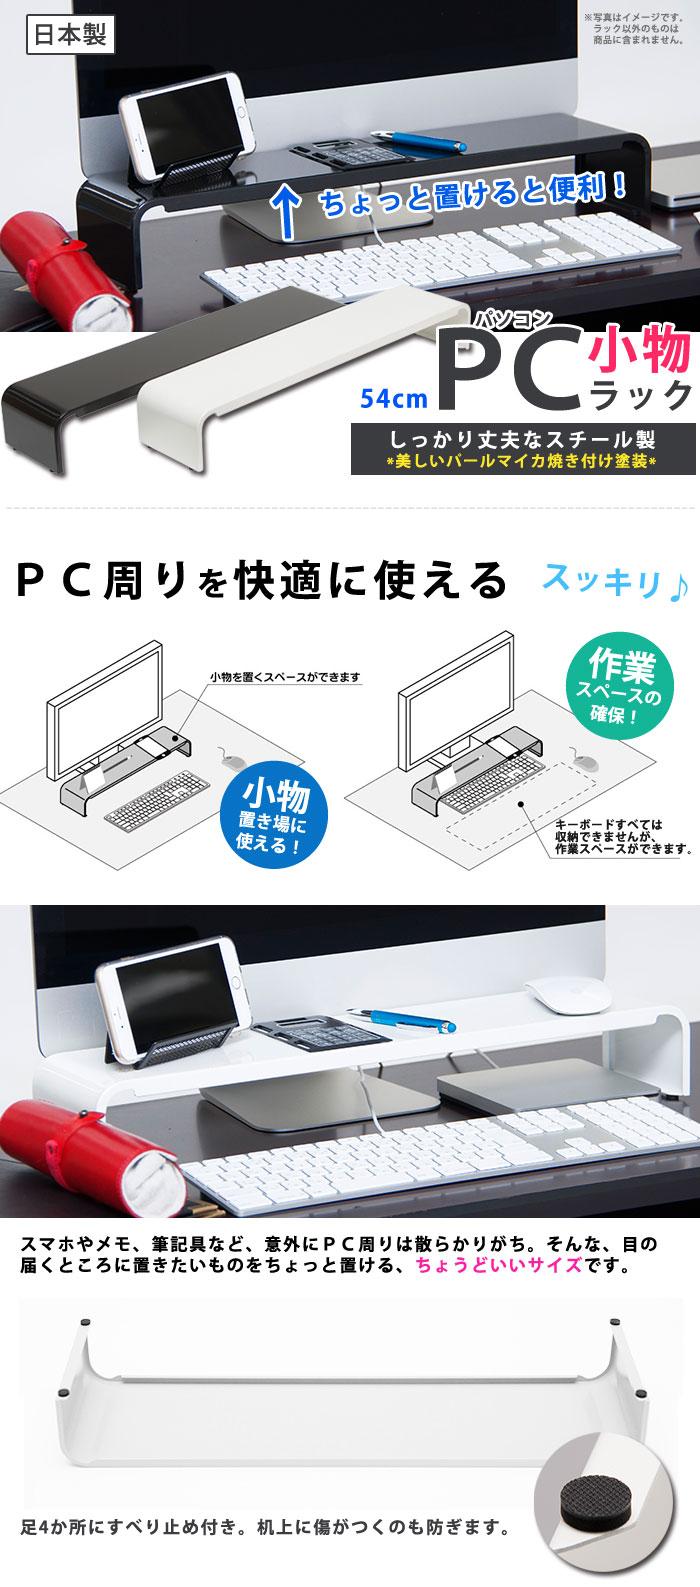 PC小物ラック54cm[ホワイト・ブラック]PCK-54(田窪工業所 PCラック 卓上収納 整理整頓 オフィス 事務)